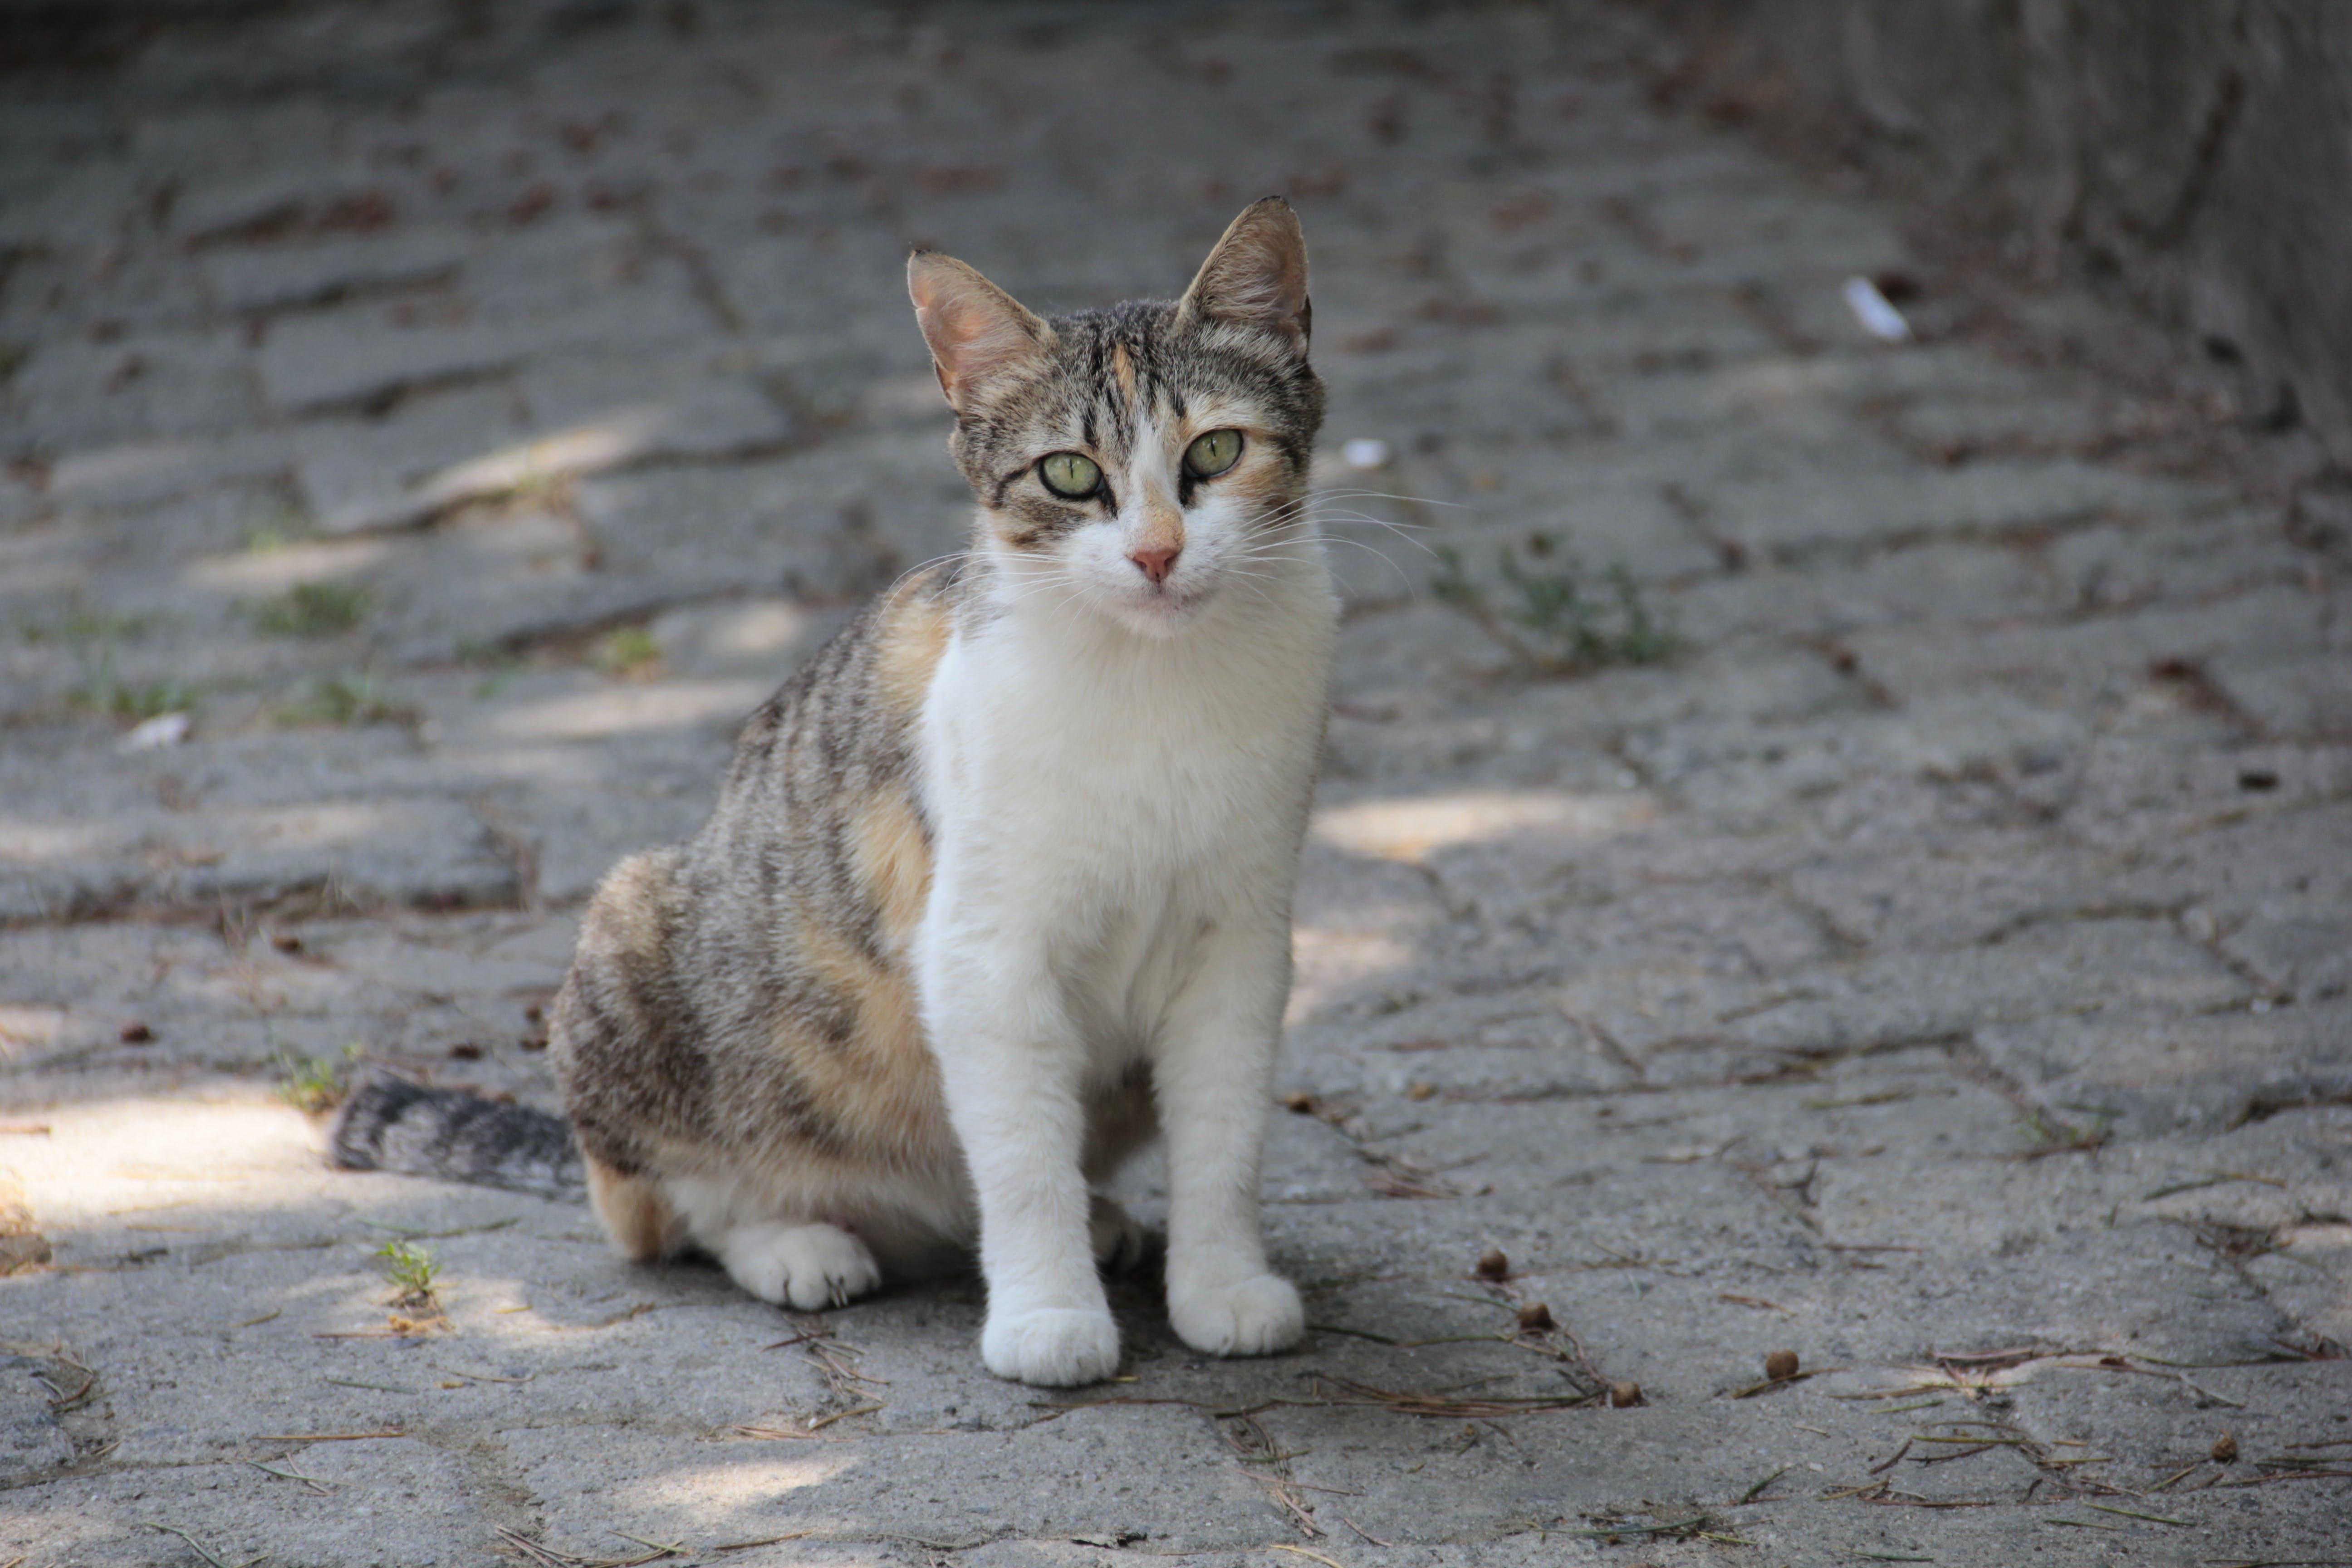 Δωρεάν στοκ φωτογραφιών με αιλουροειδές, βλέπω, Γάτα, γατάκι